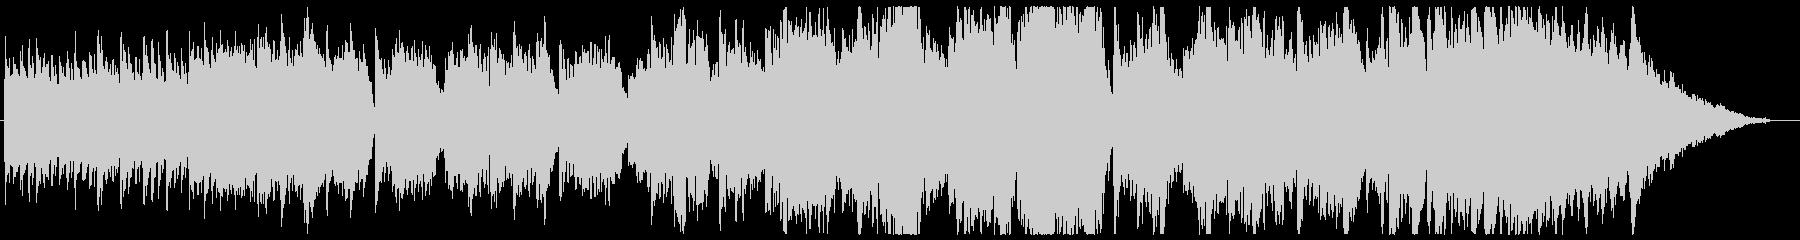 ノスタルジックでホノボノしたインストの未再生の波形